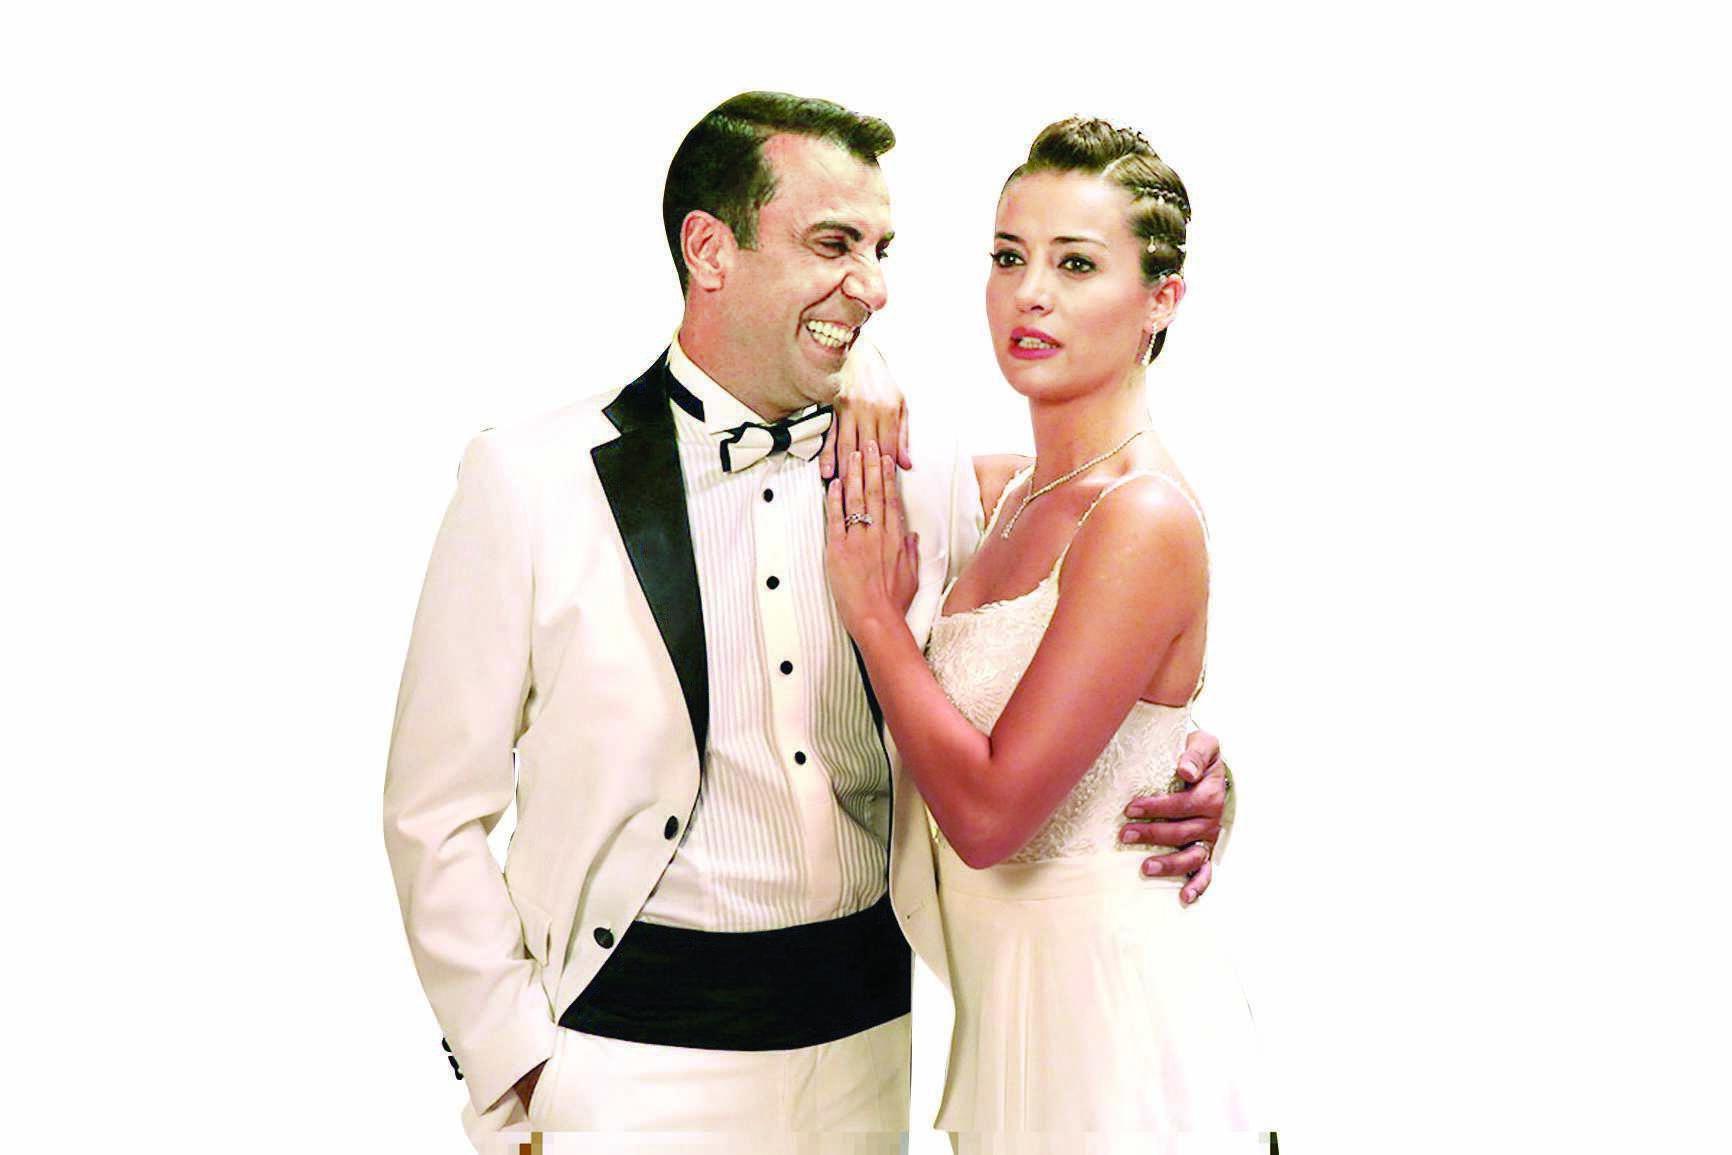 Evlenip Ayrılmış Erkekle Evlenmek